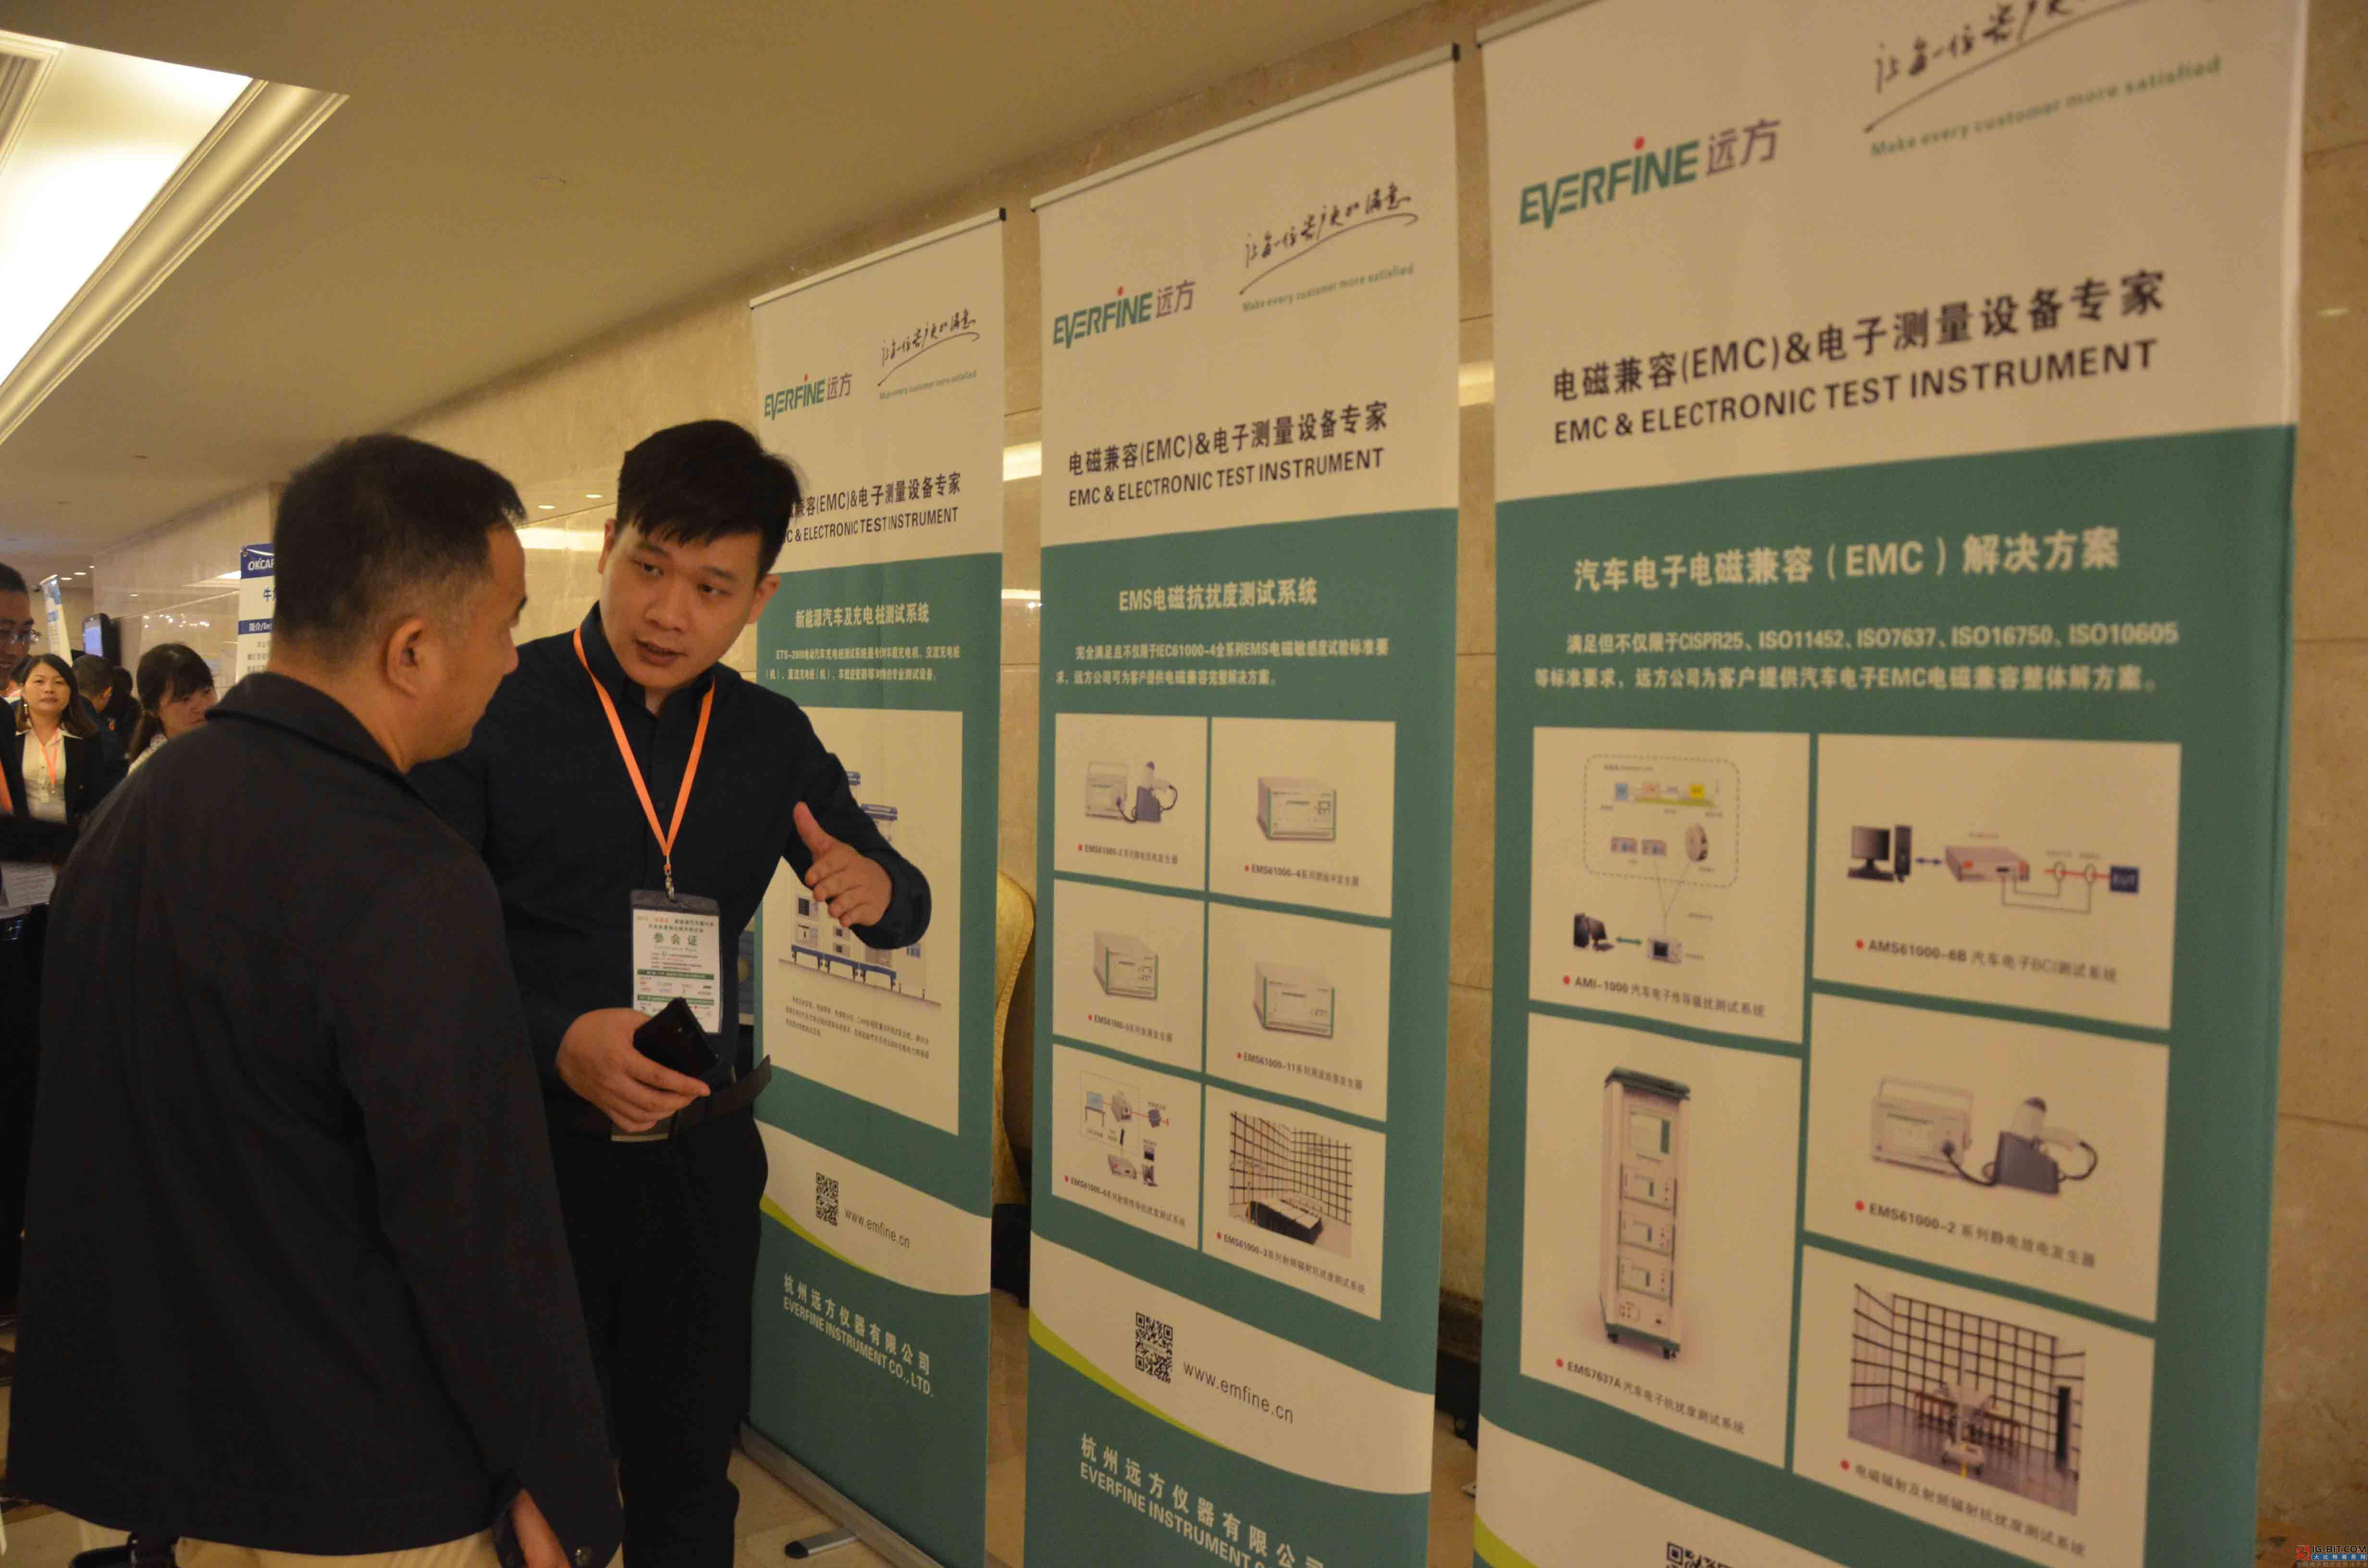 杭州远方仪器有限公司